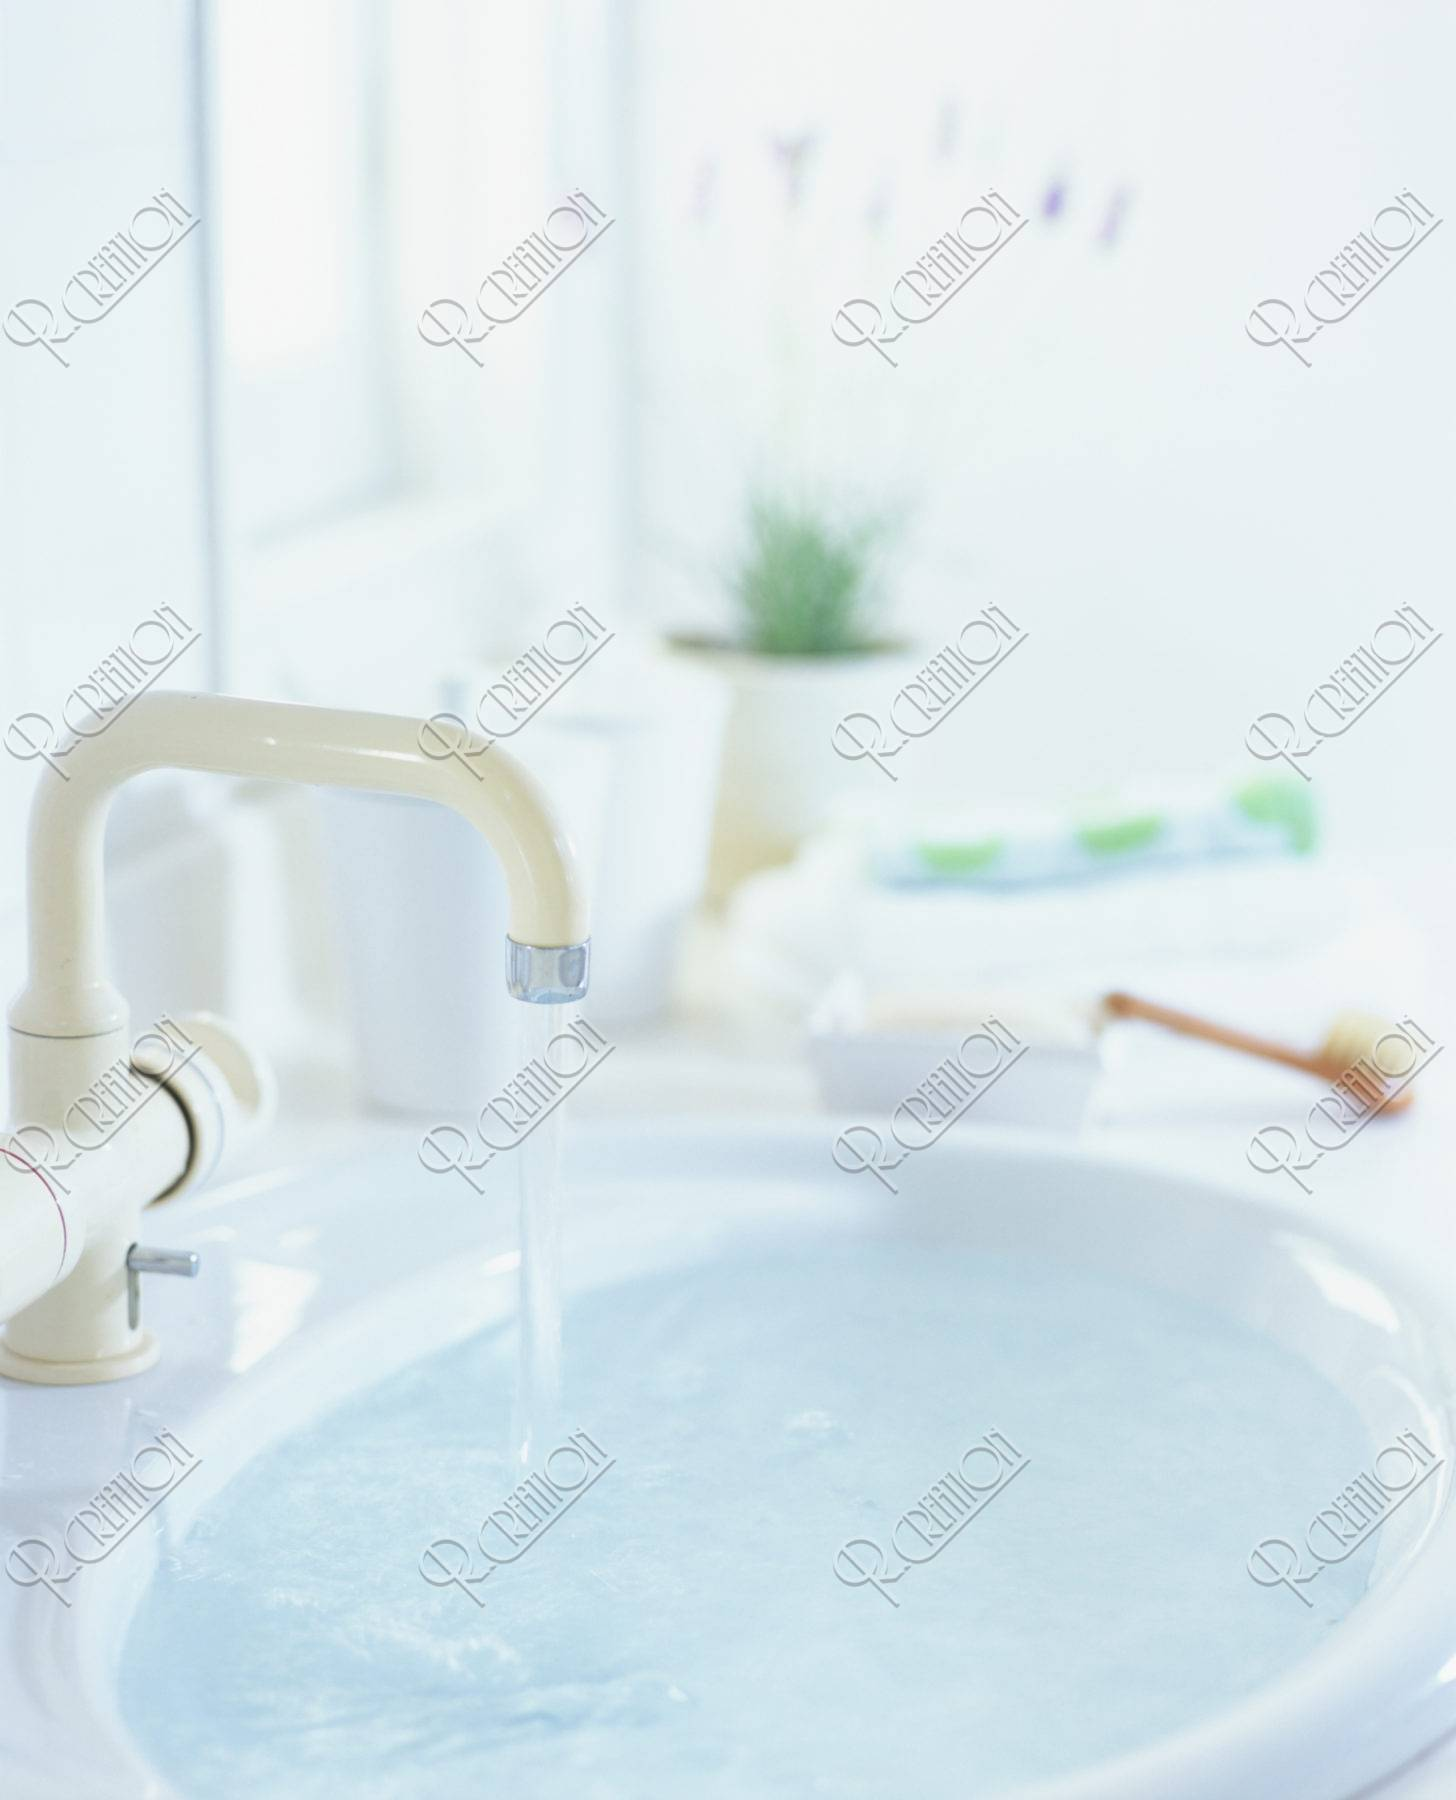 水が出ている洗面所